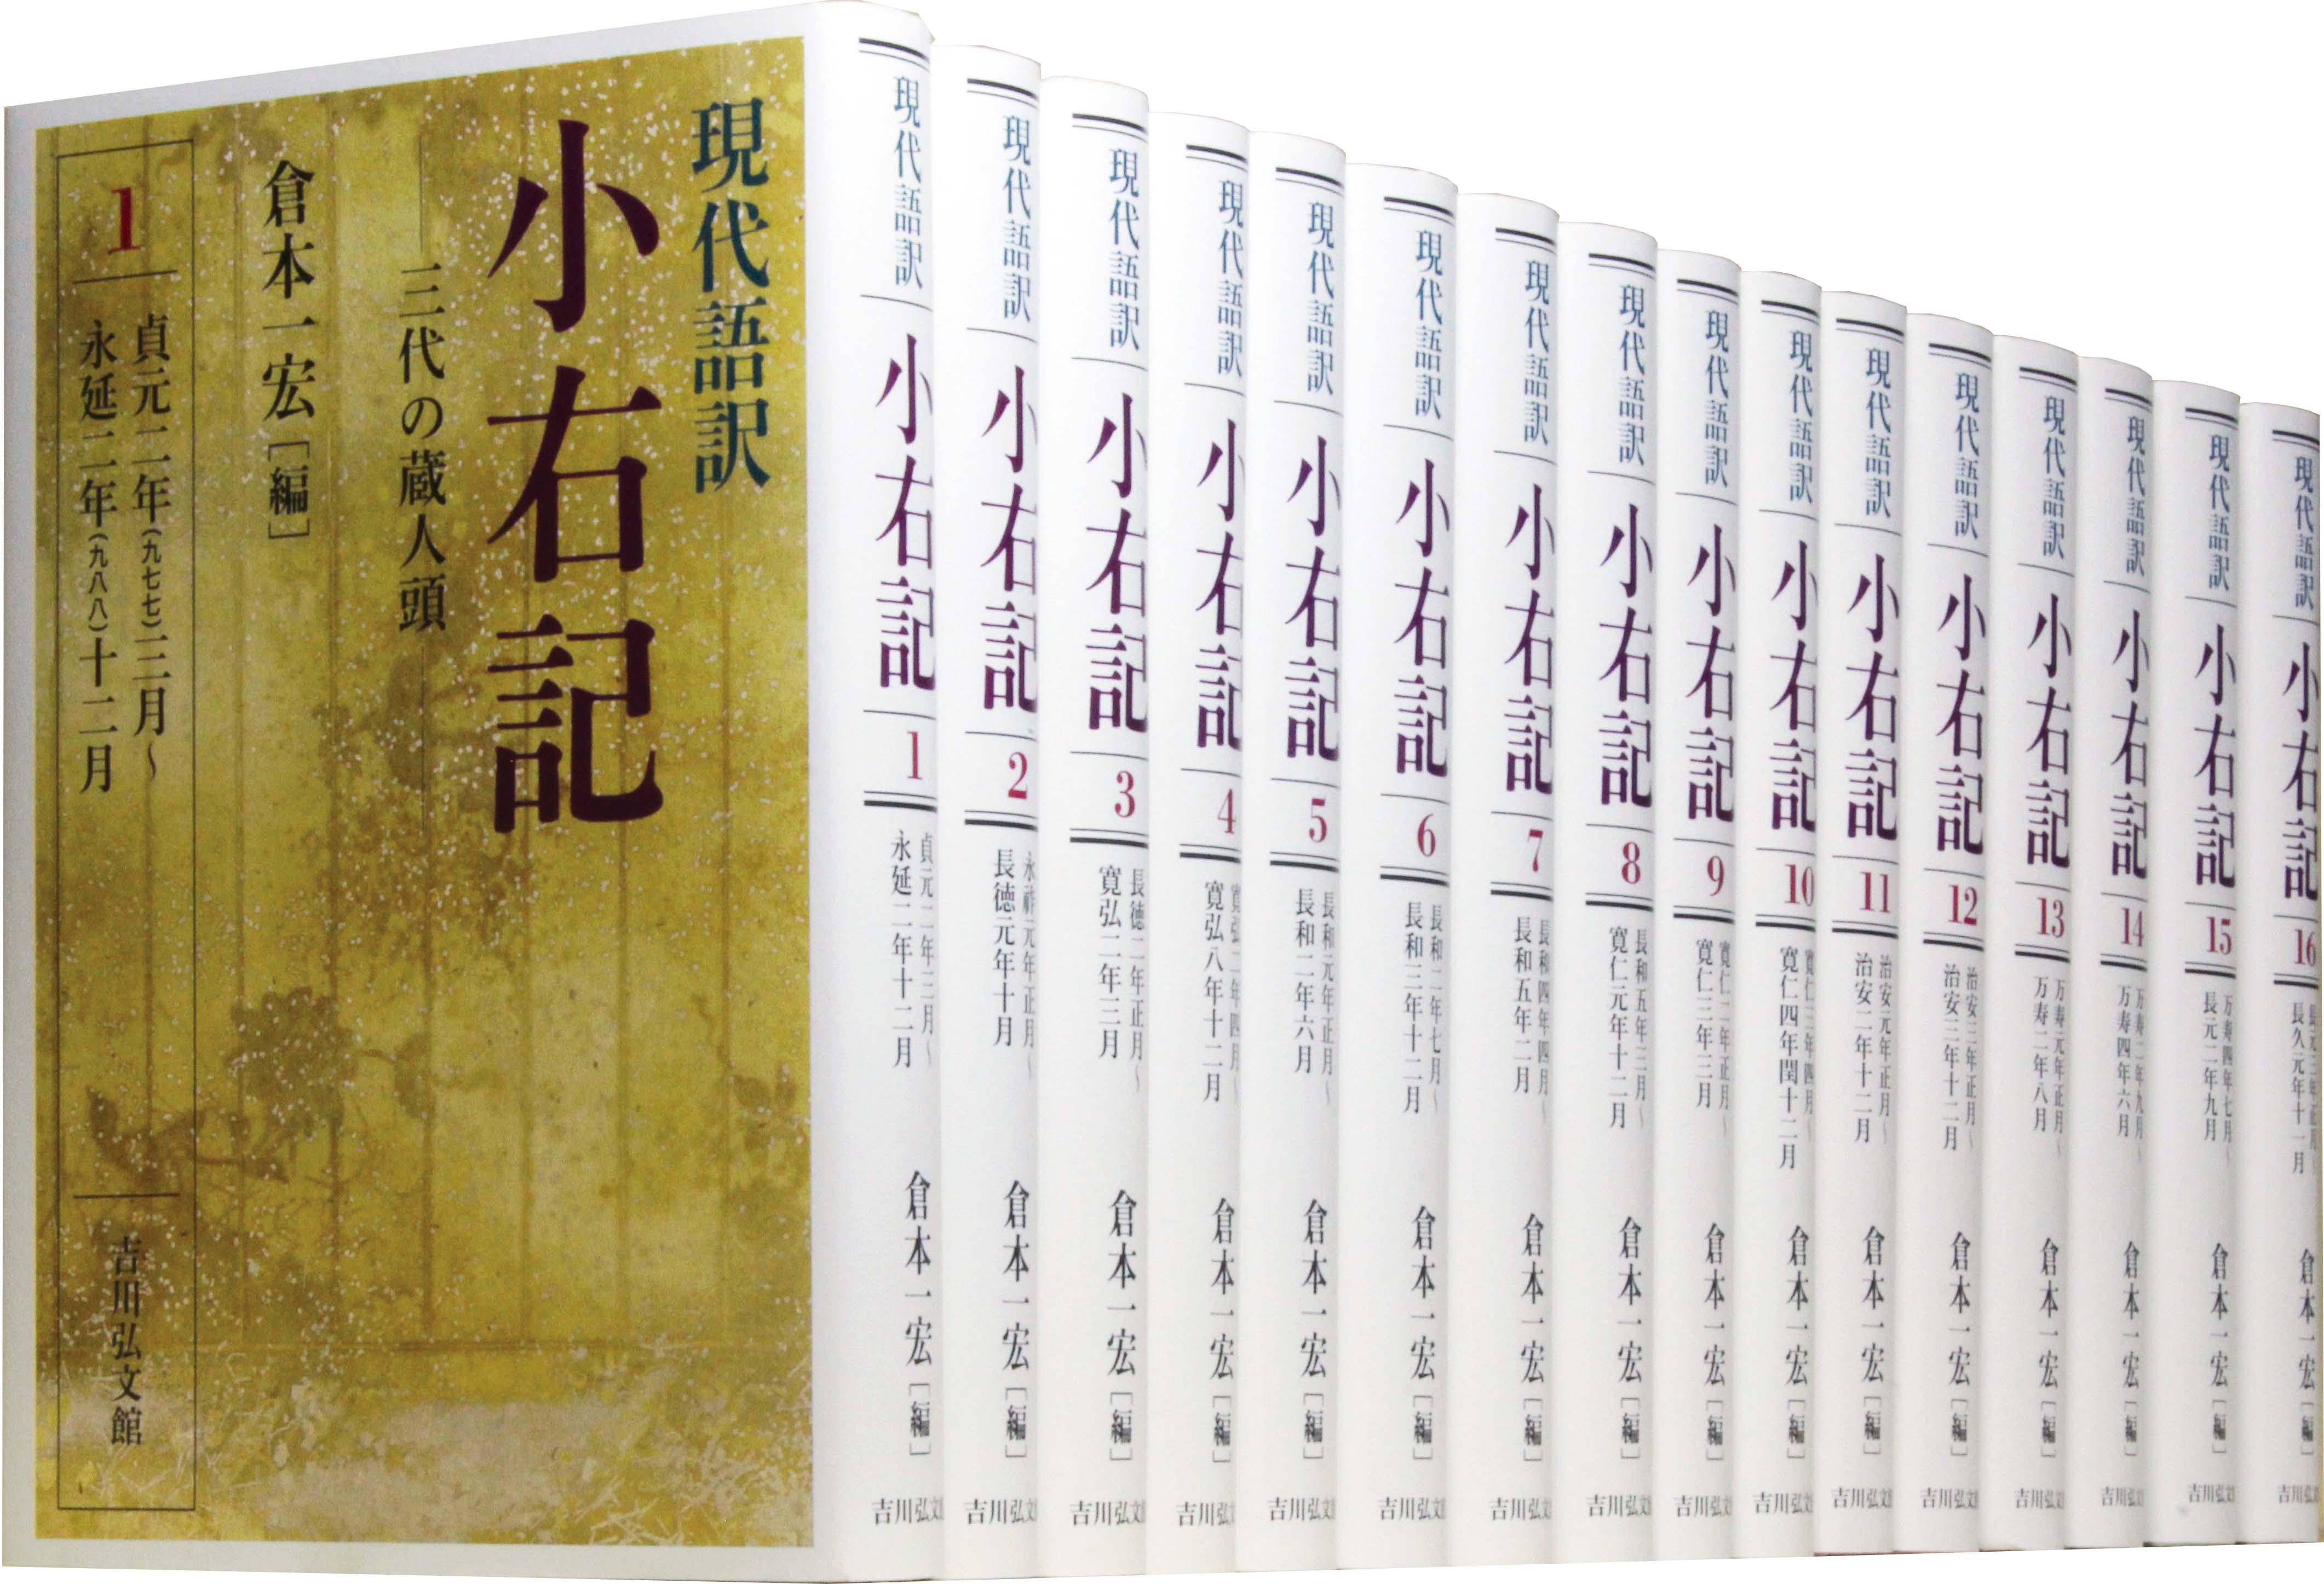 現代語訳 紫式部日記 「紫式部日記:うきたる世」の現代語訳(口語訳)